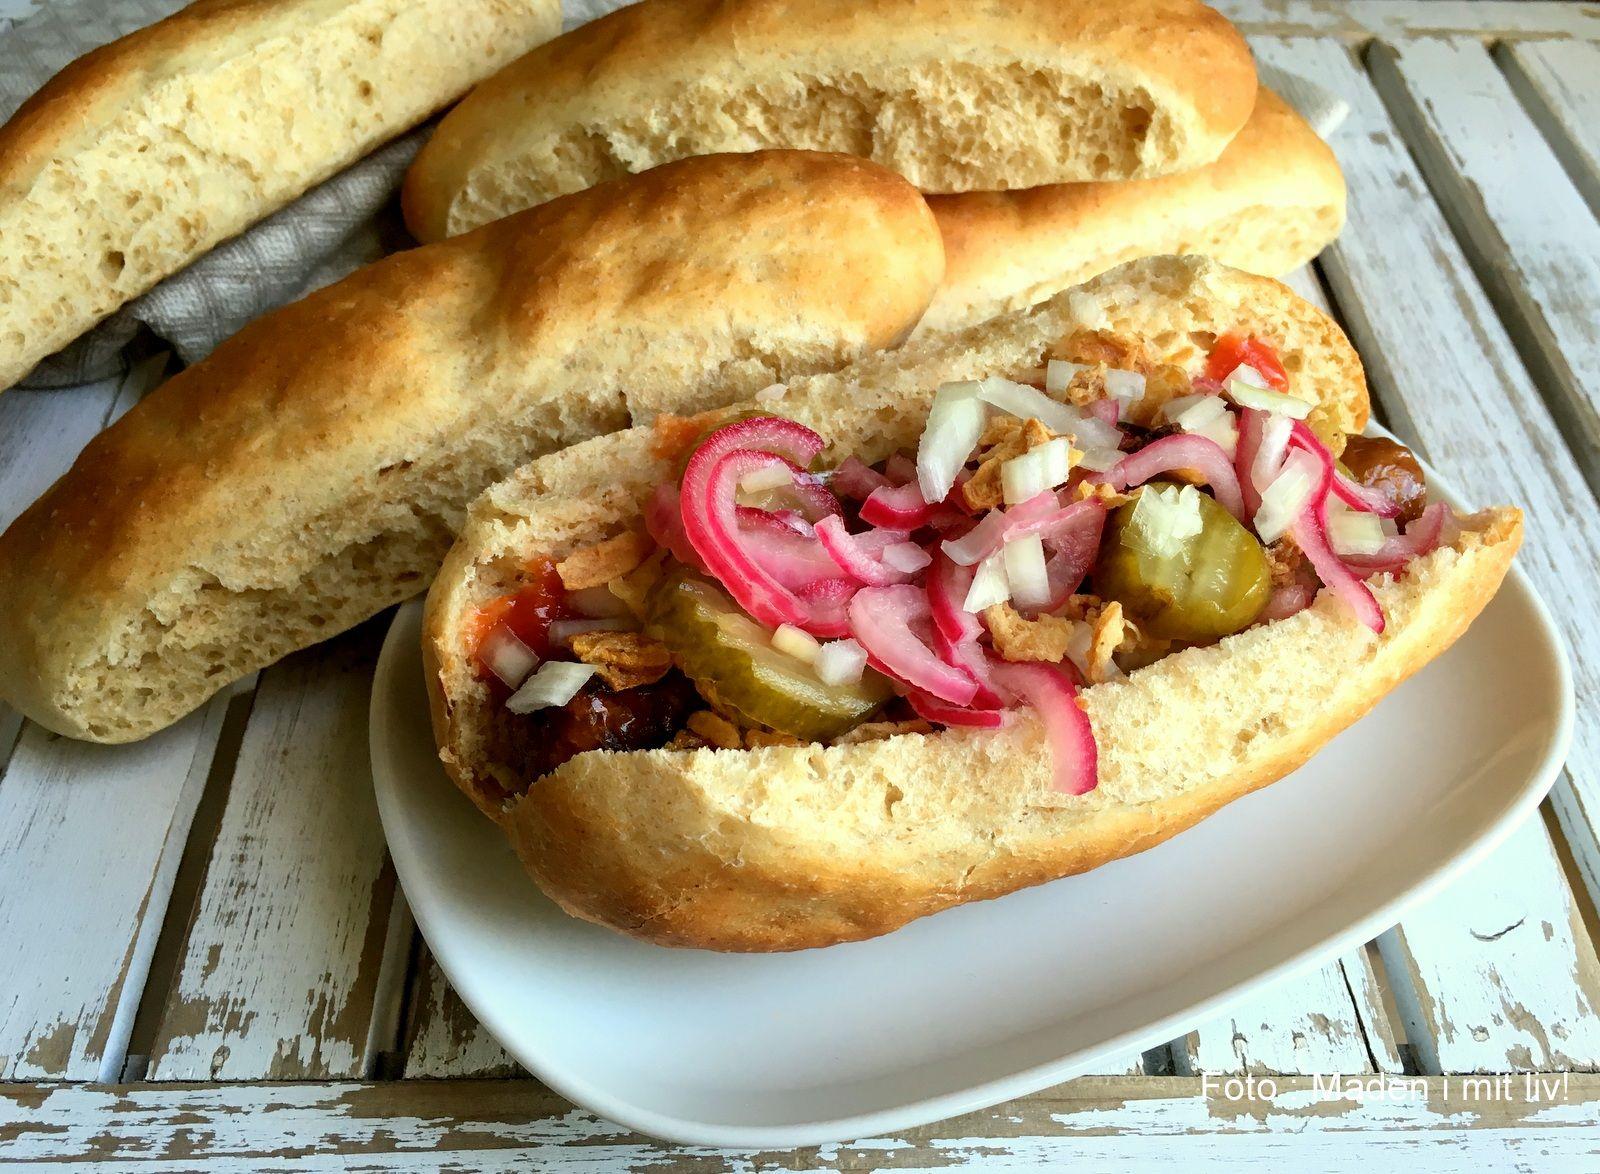 """Disse her super lette og luftige hotdogbrød, eller pølsebrød om man vil, kan jeg virkelig anbefale. Da jeg er af den klare overbevisning, at pølsebrød ikke skal være hverken tunge, """"flute-agtige"""" eller med en sprød skorpe, er delavet efter samme metode, som jeg efterhåndenbruger til almit brød, som skal være let og luftigt (fx hjemmebagte …"""